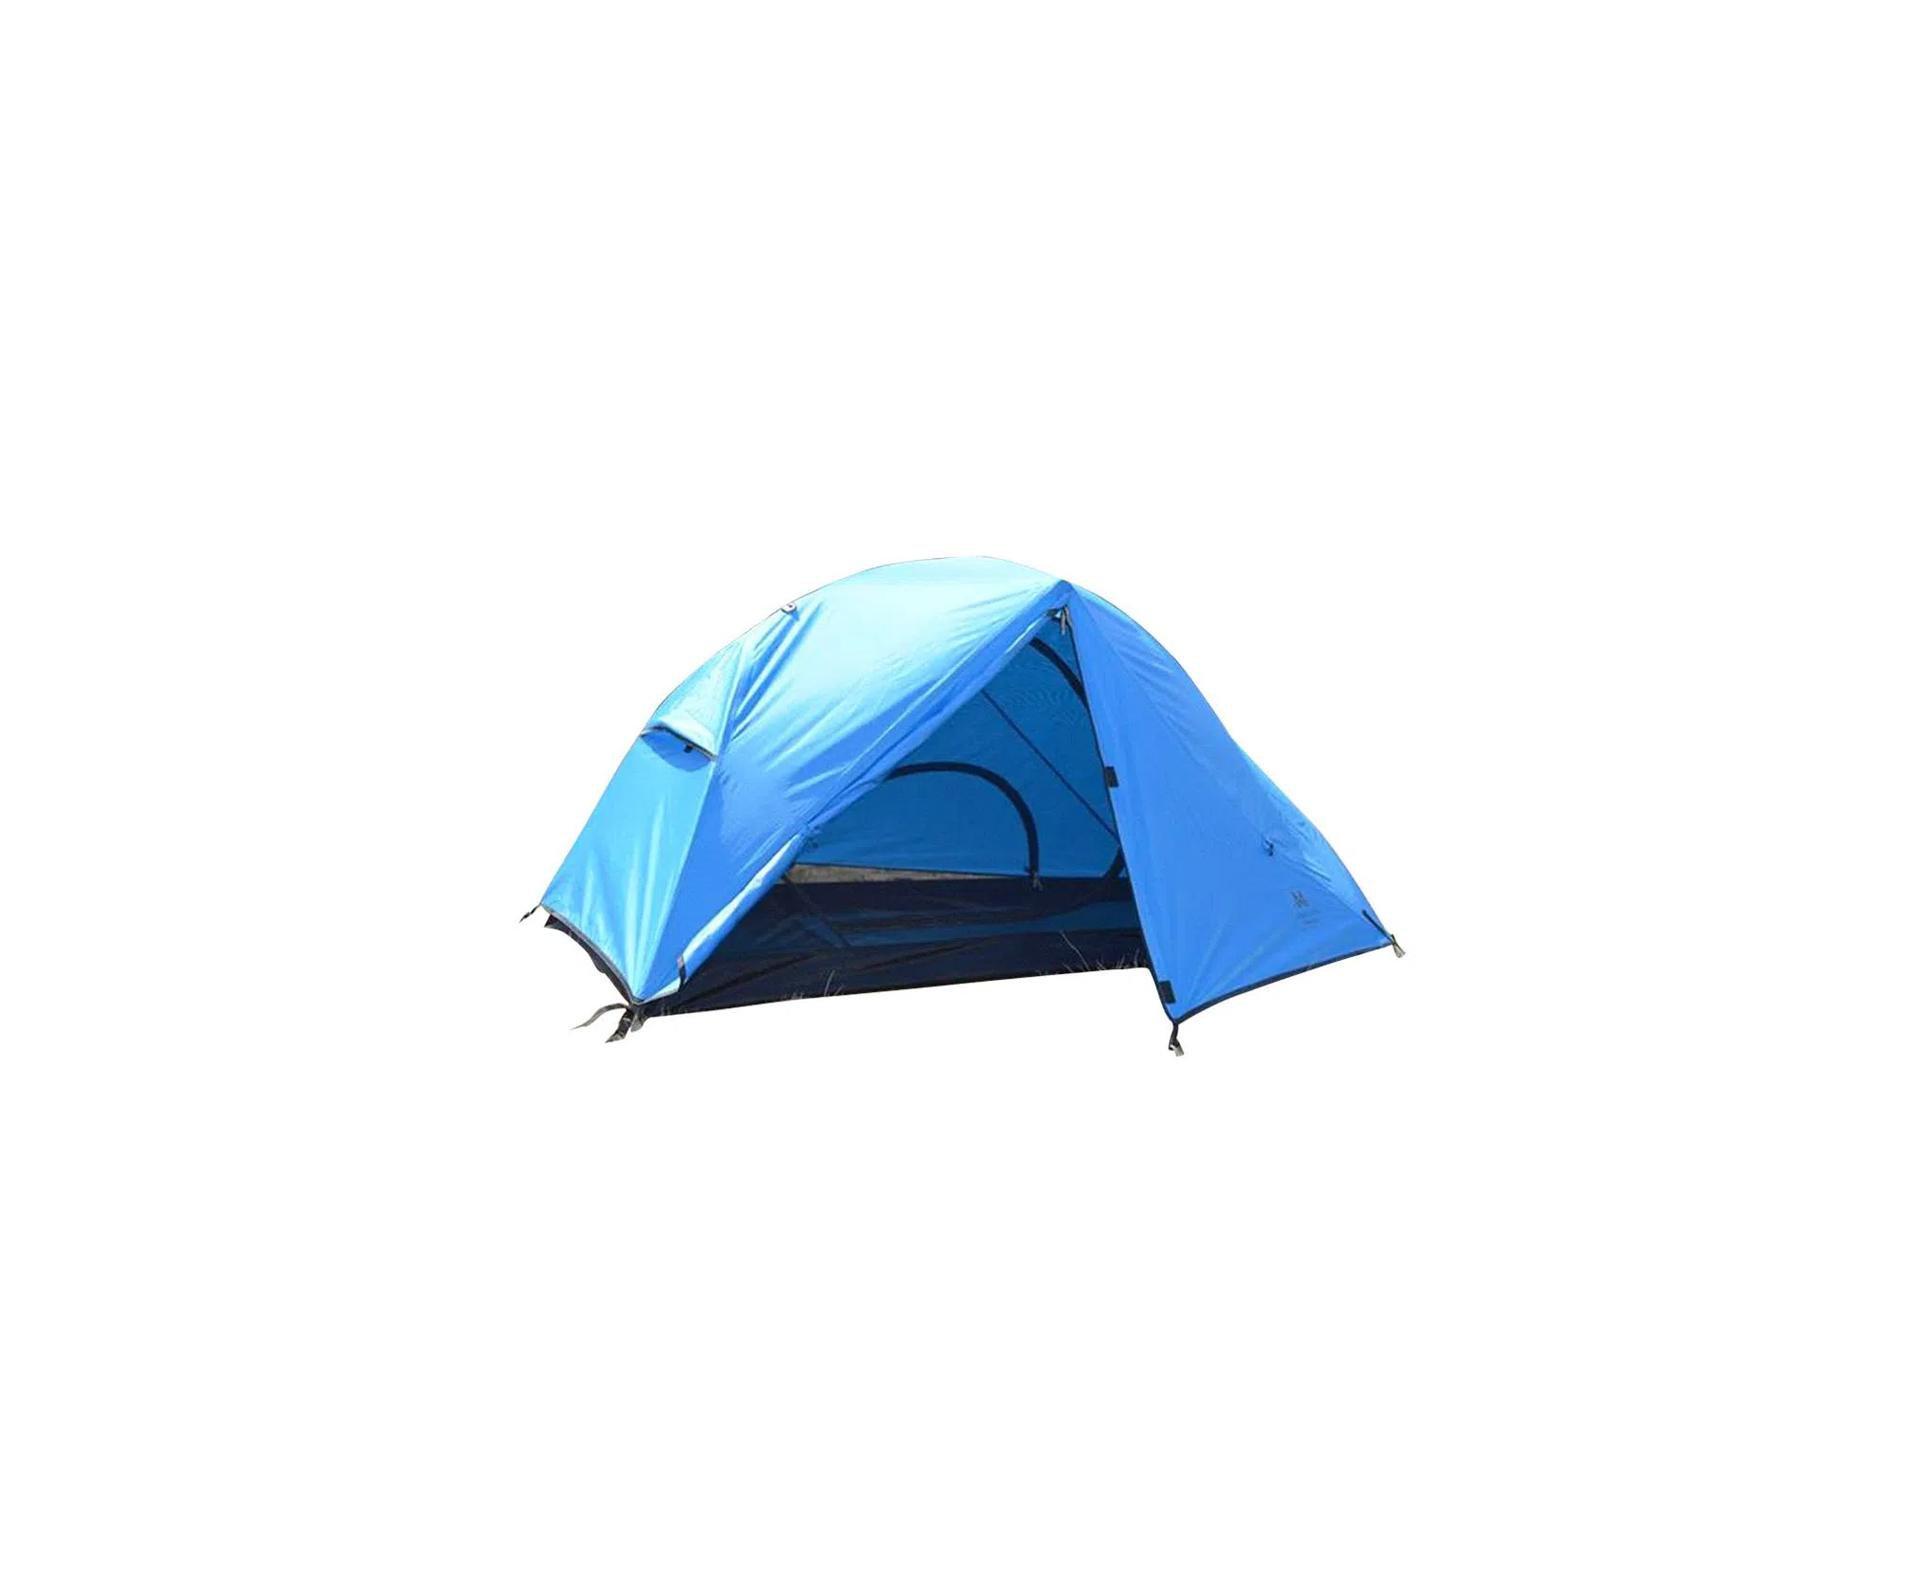 Barraca Tecnica Camping Delatite 1 Pessoa - Azteq